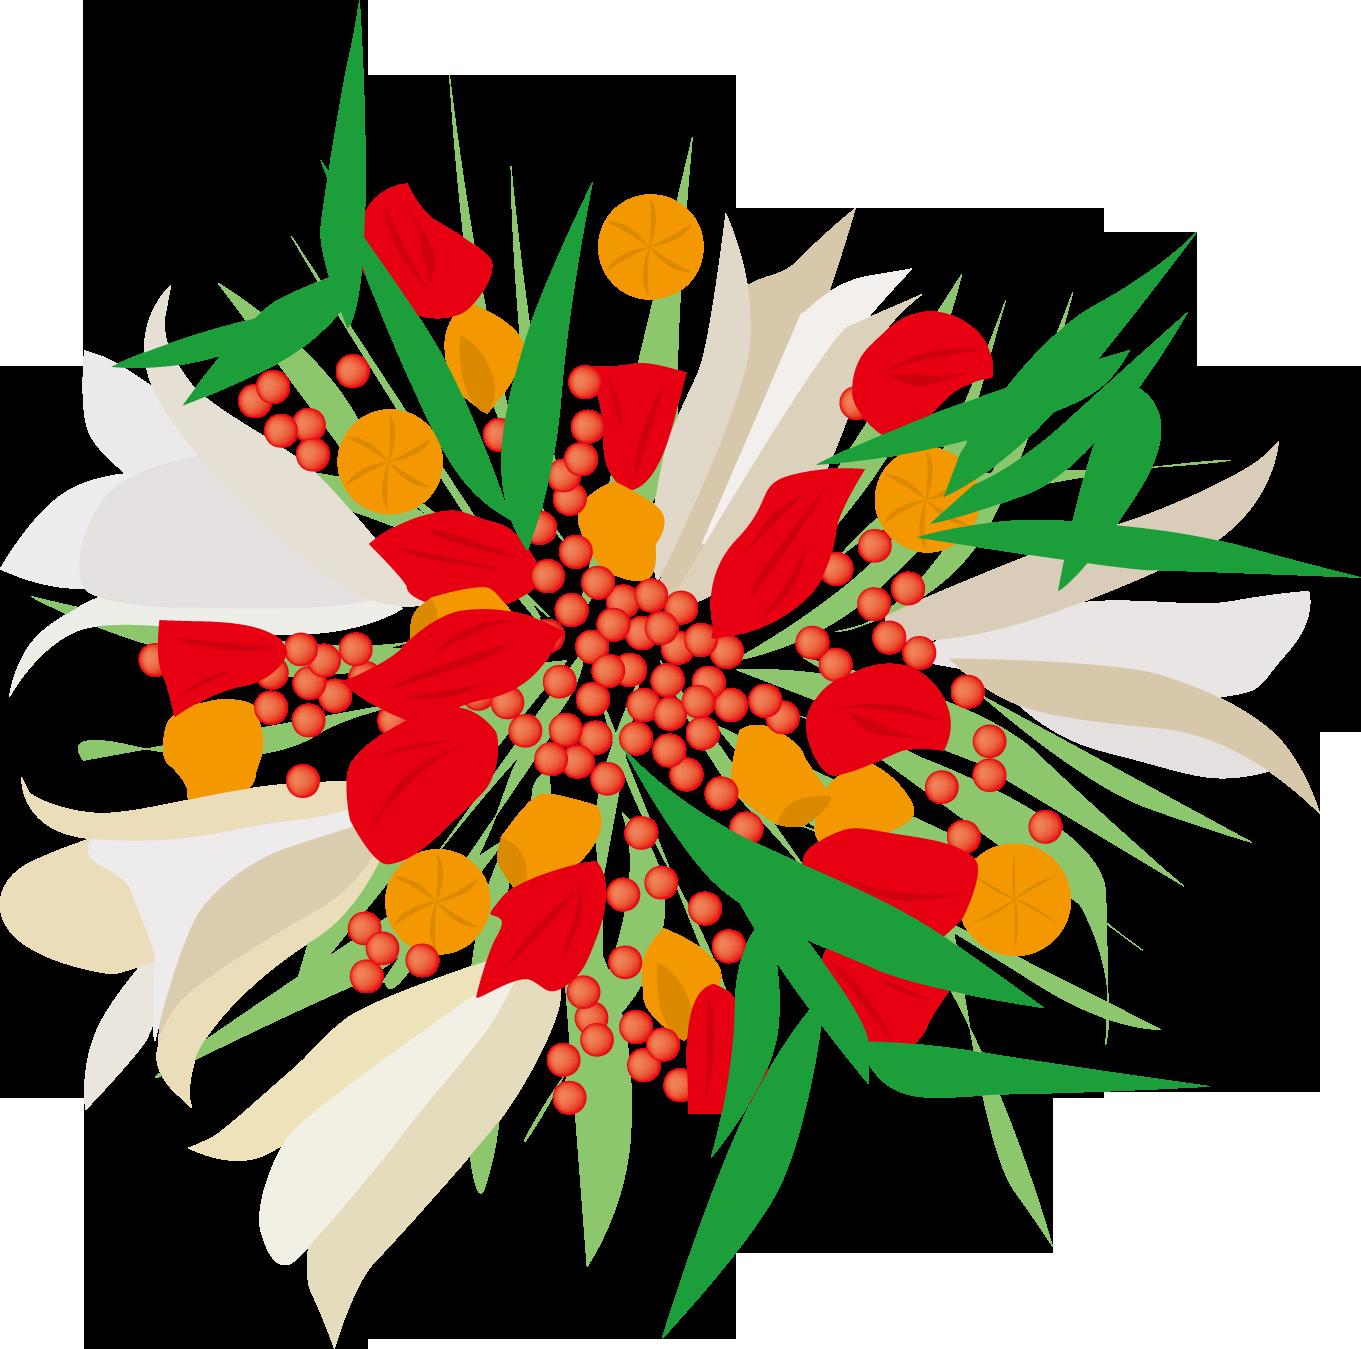 花のイラスト・フリー素材|ダウンロード05【素材っち】